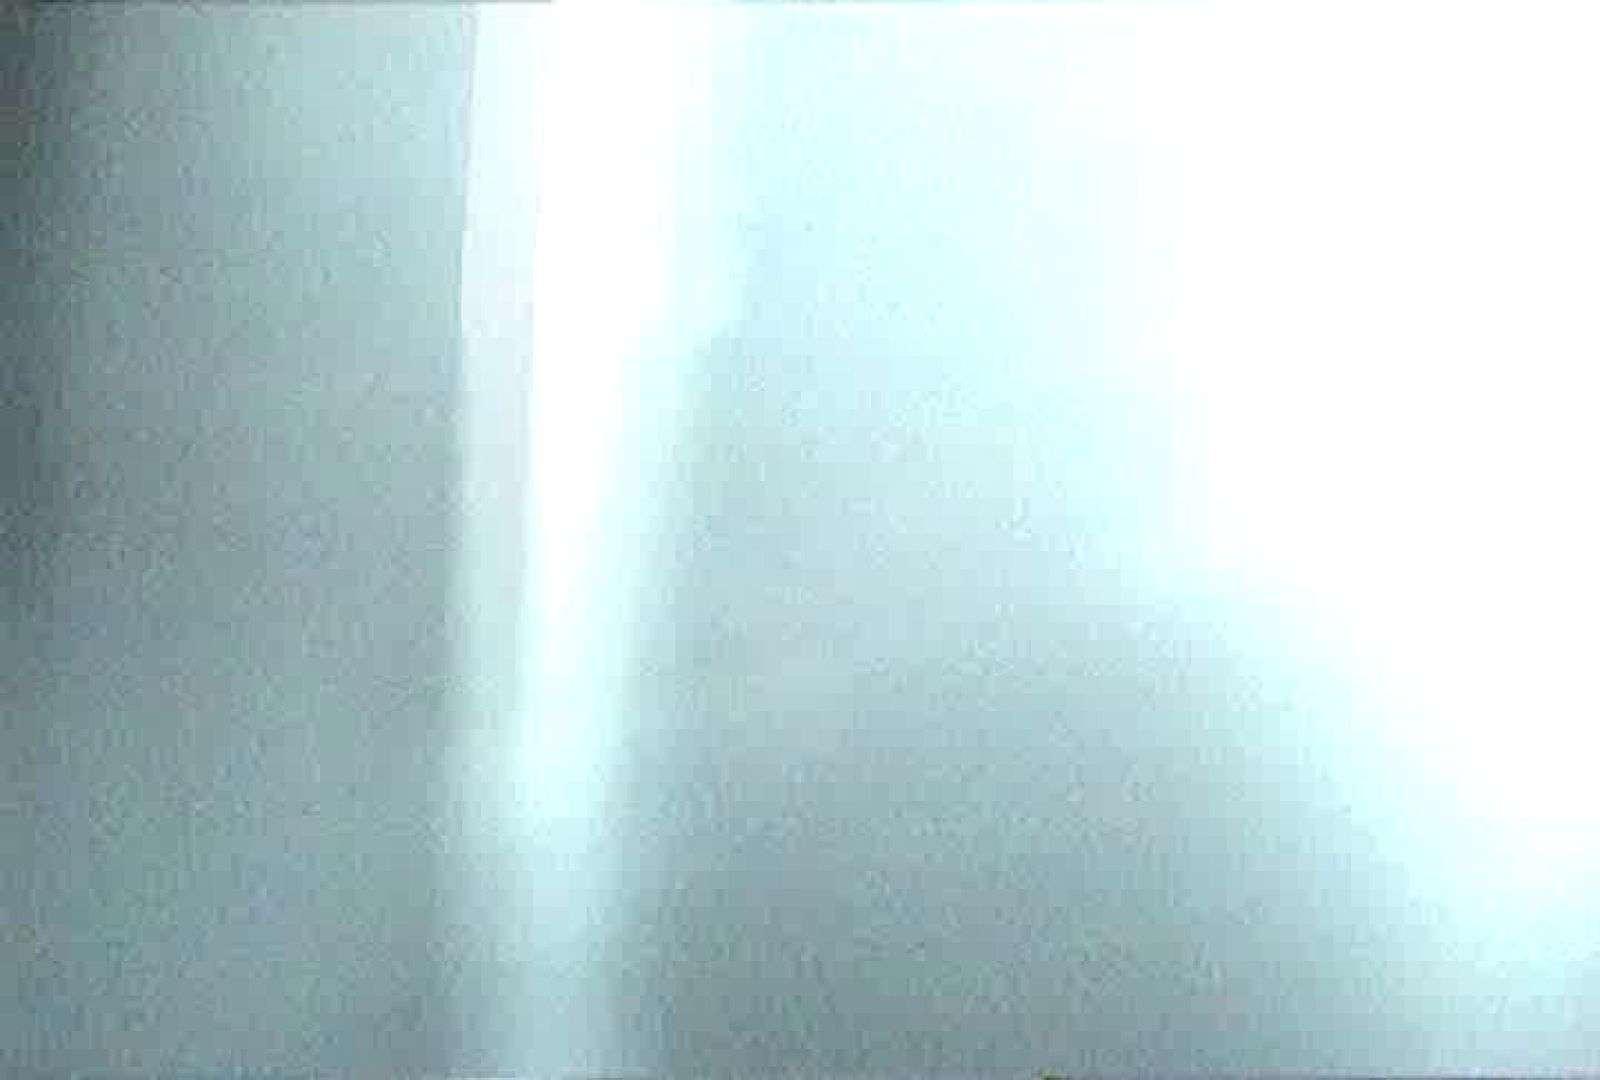 充血監督の深夜の運動会Vol.90 エッチなセックス オマンコ無修正動画無料 107画像 43